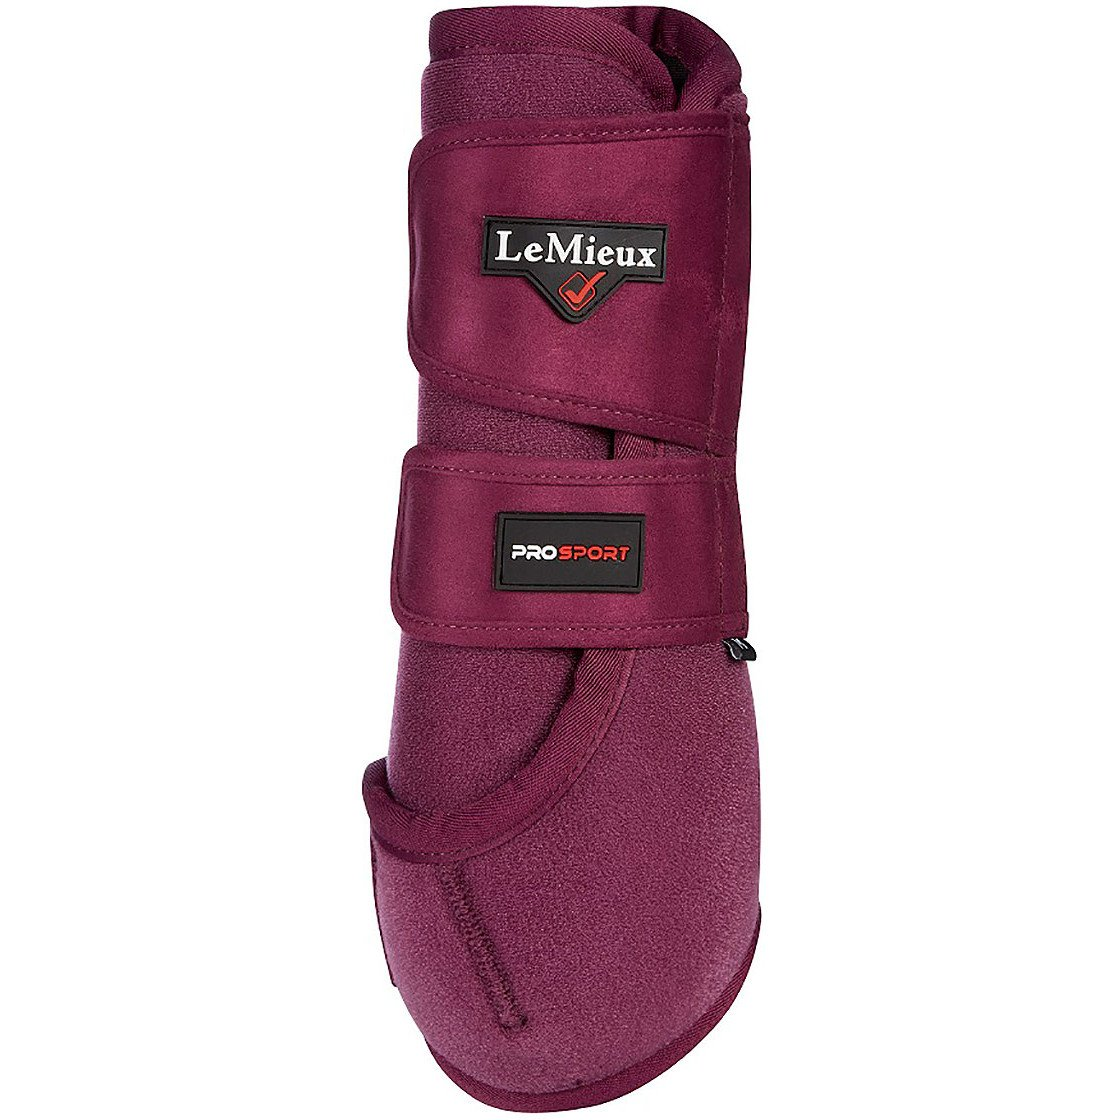 LeMieux Prosport Paire Support Bottes